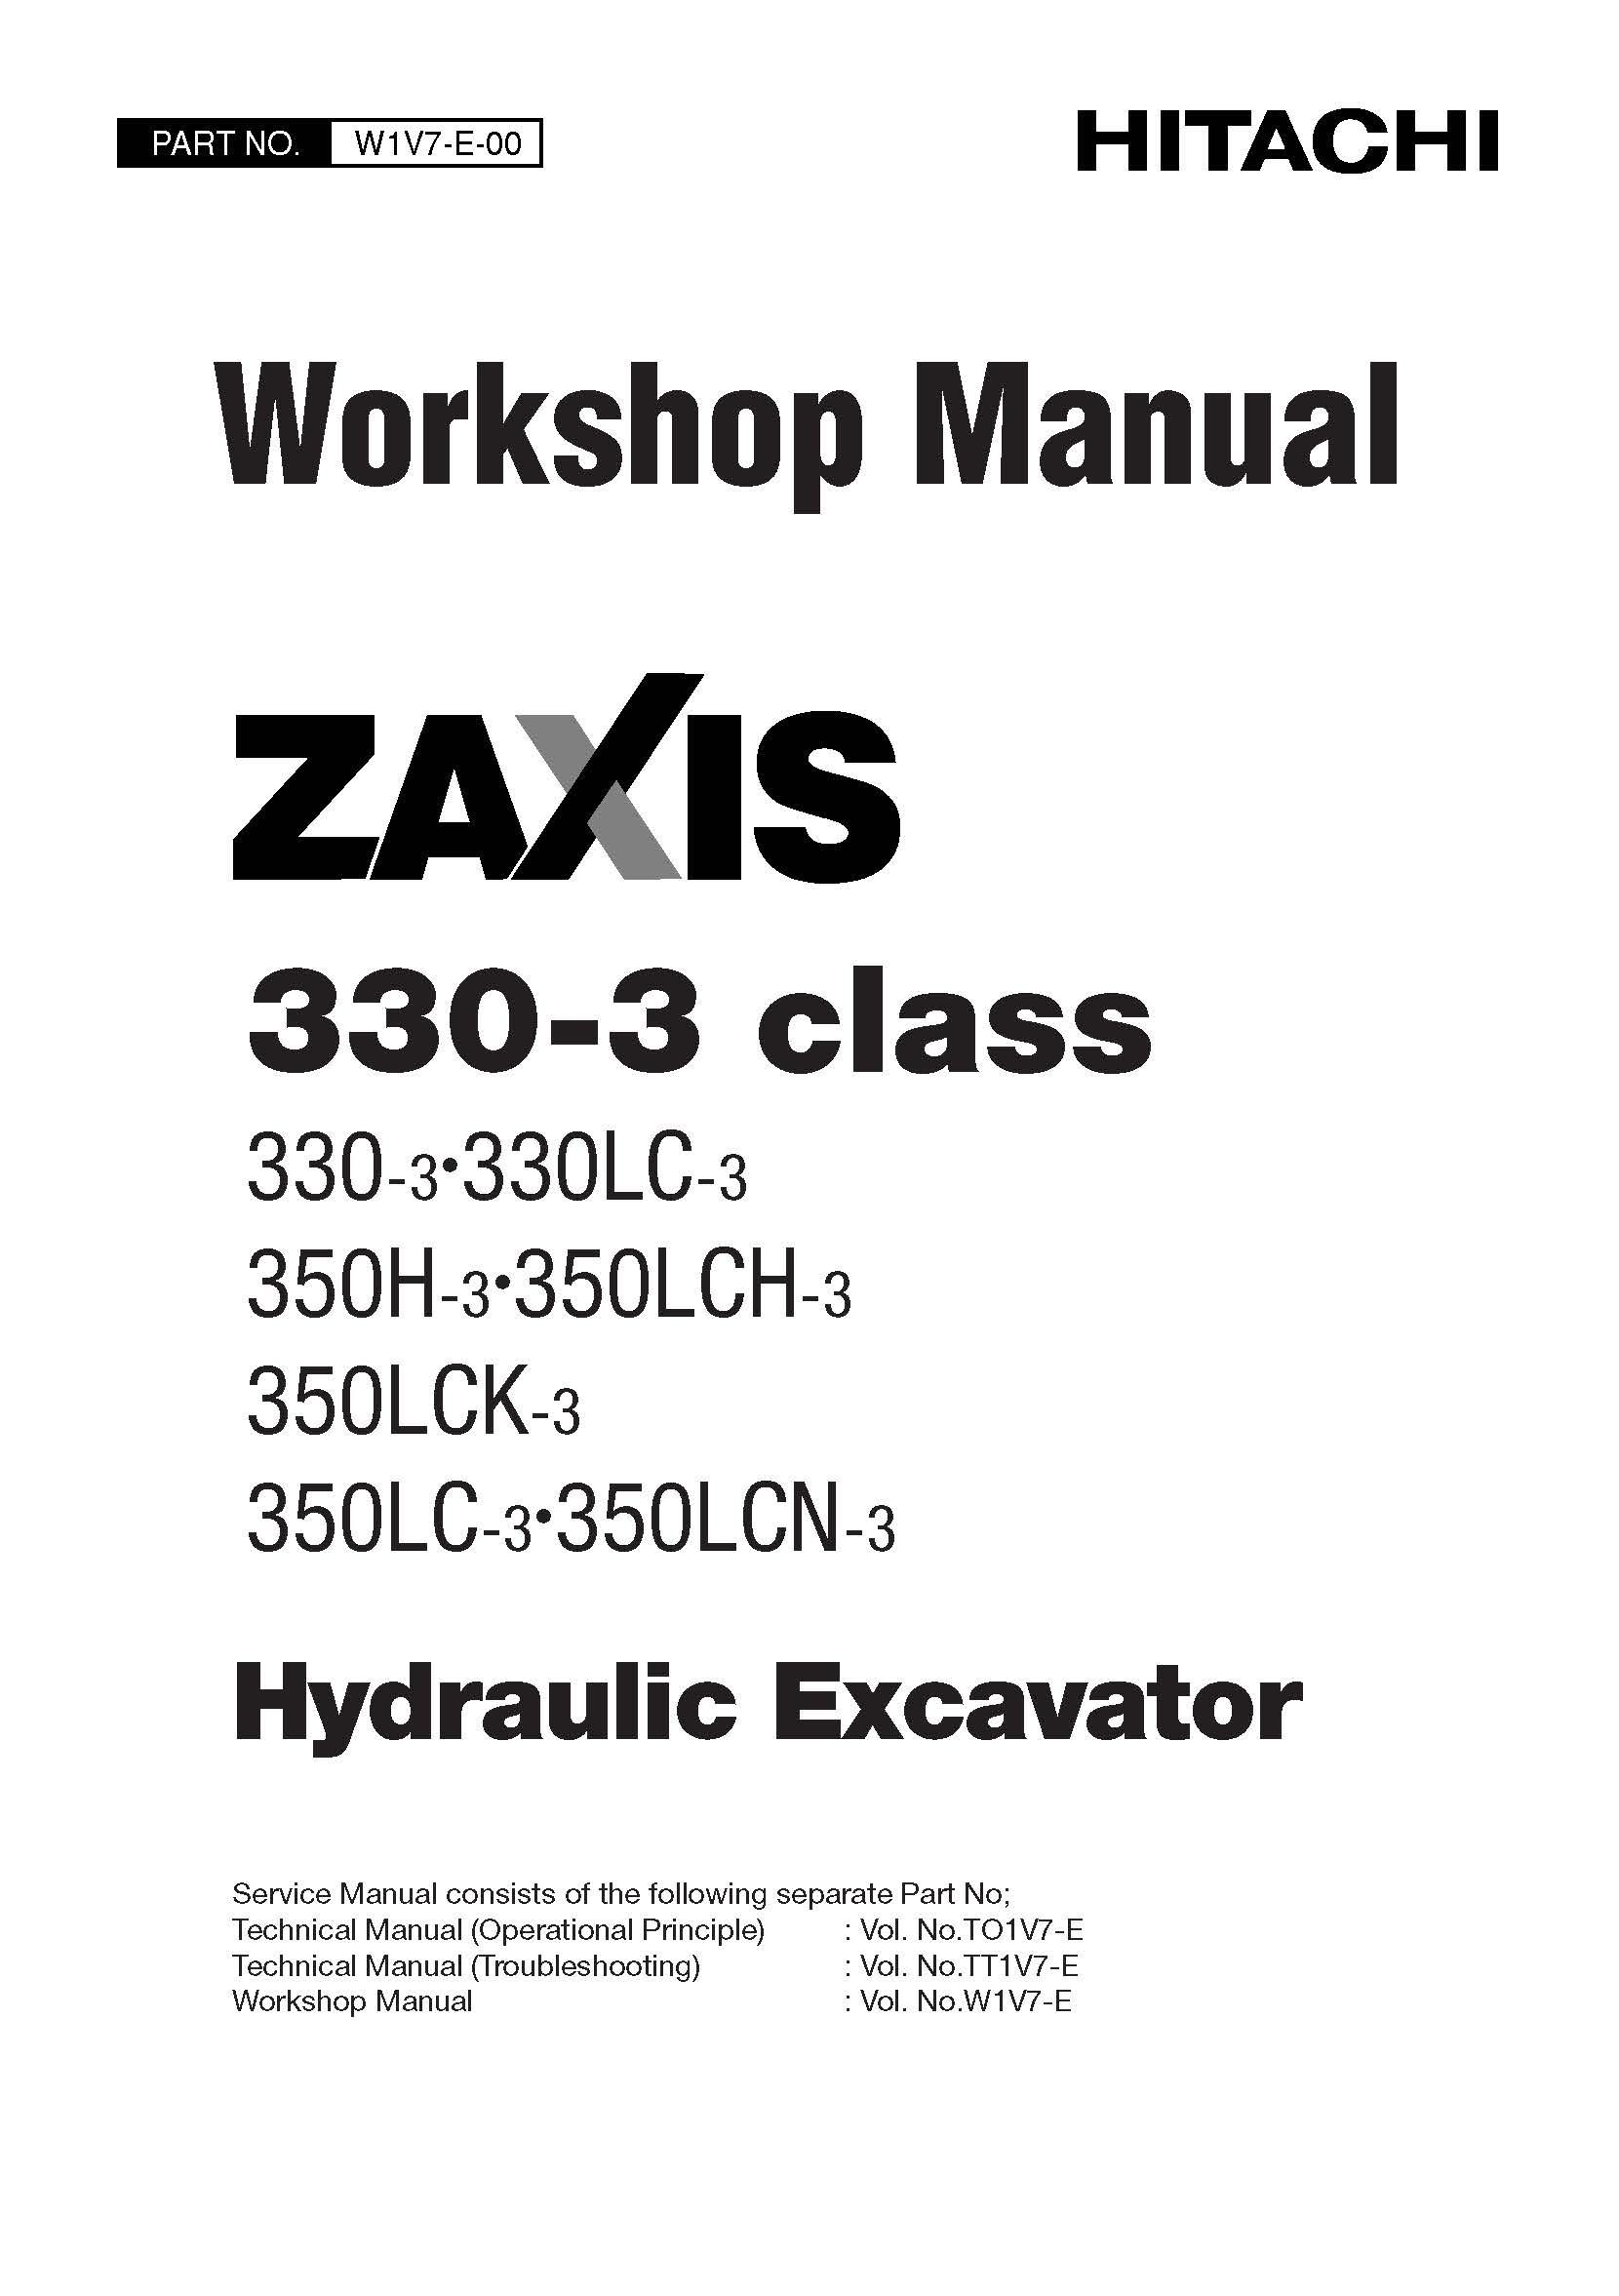 หนังสือ คู่มือซ่อม วงจรไฟฟ้า วงจรไฮดรอลิก จักรกลหนัก Hydraulic Excavator ZAXIS 330-3class 330-3•330LC-3 , 350H-3•350LCH-3 , 350LCK-3•350LC-3•350LCN-3 (ทั้งคัน) EN